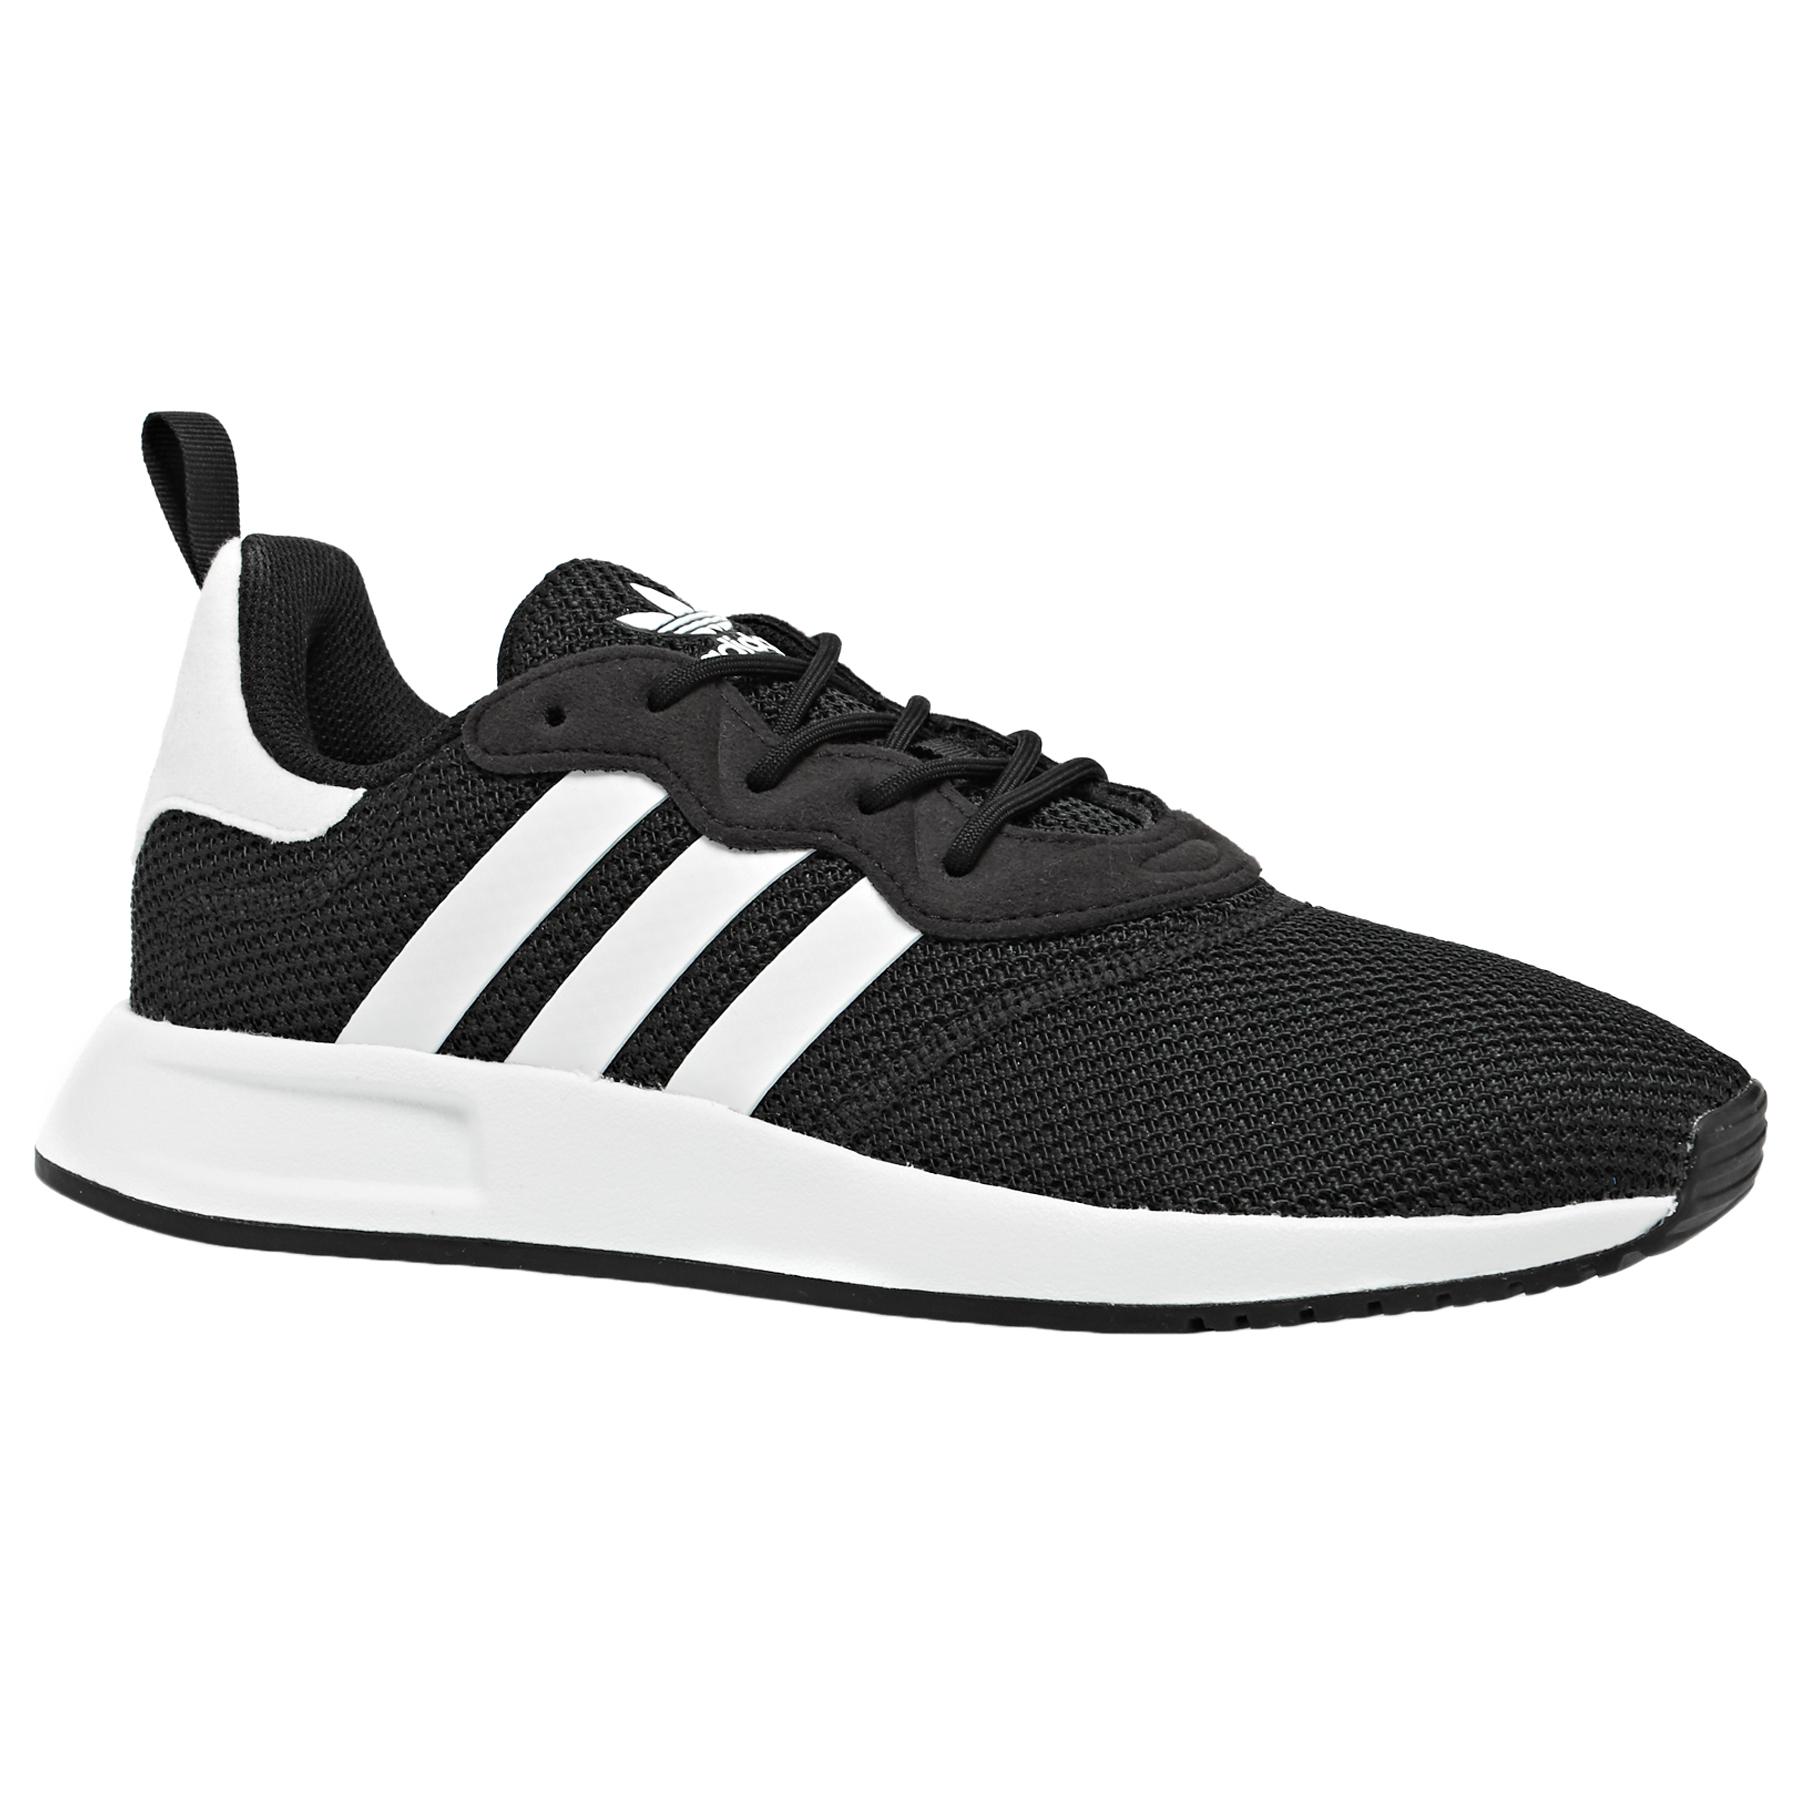 Adidas Originals X_Plr S W Shoes PrptntFootwear WhiteCore Black